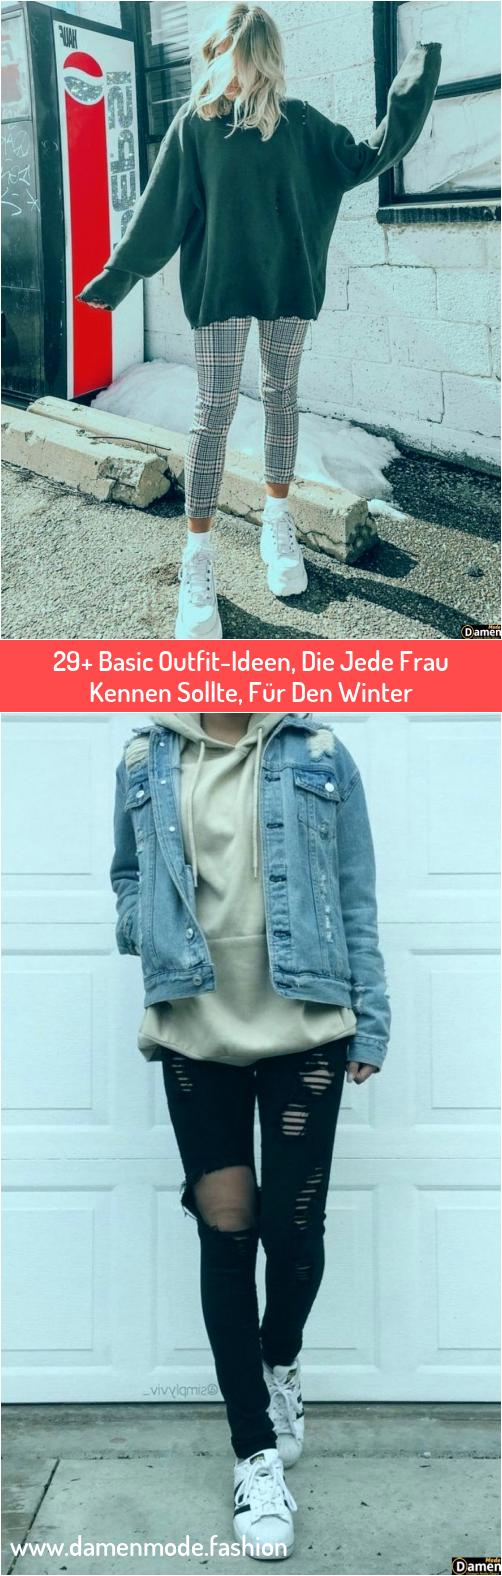 Photo of 29+ Basic Outfit-Ideen, Die Jede Frau Kennen Sollte, Für Den Winter